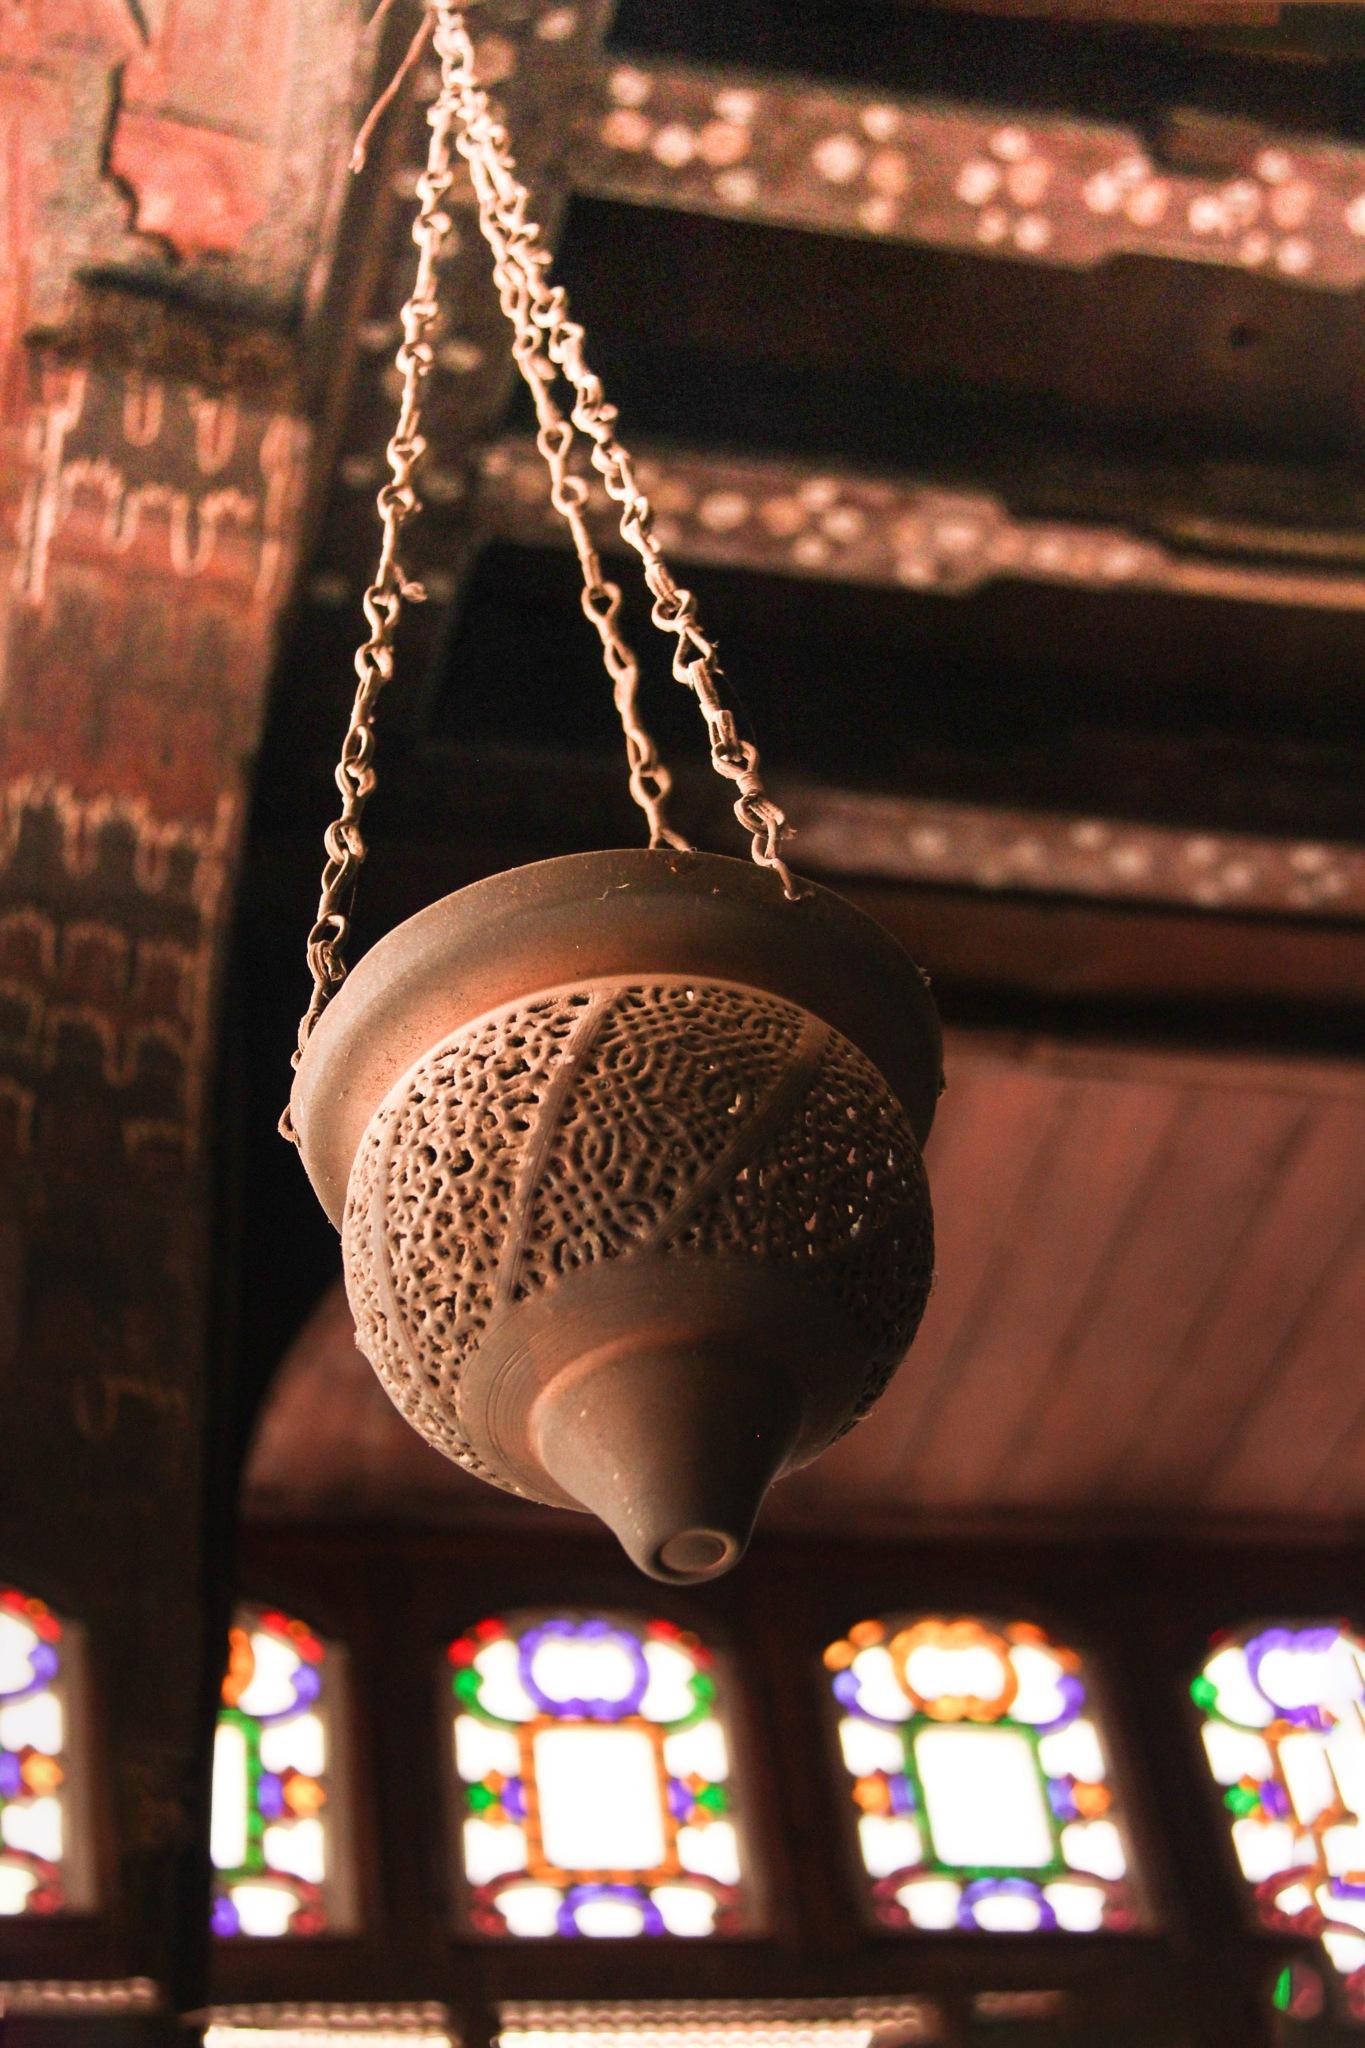 lamp by hossam_kamal